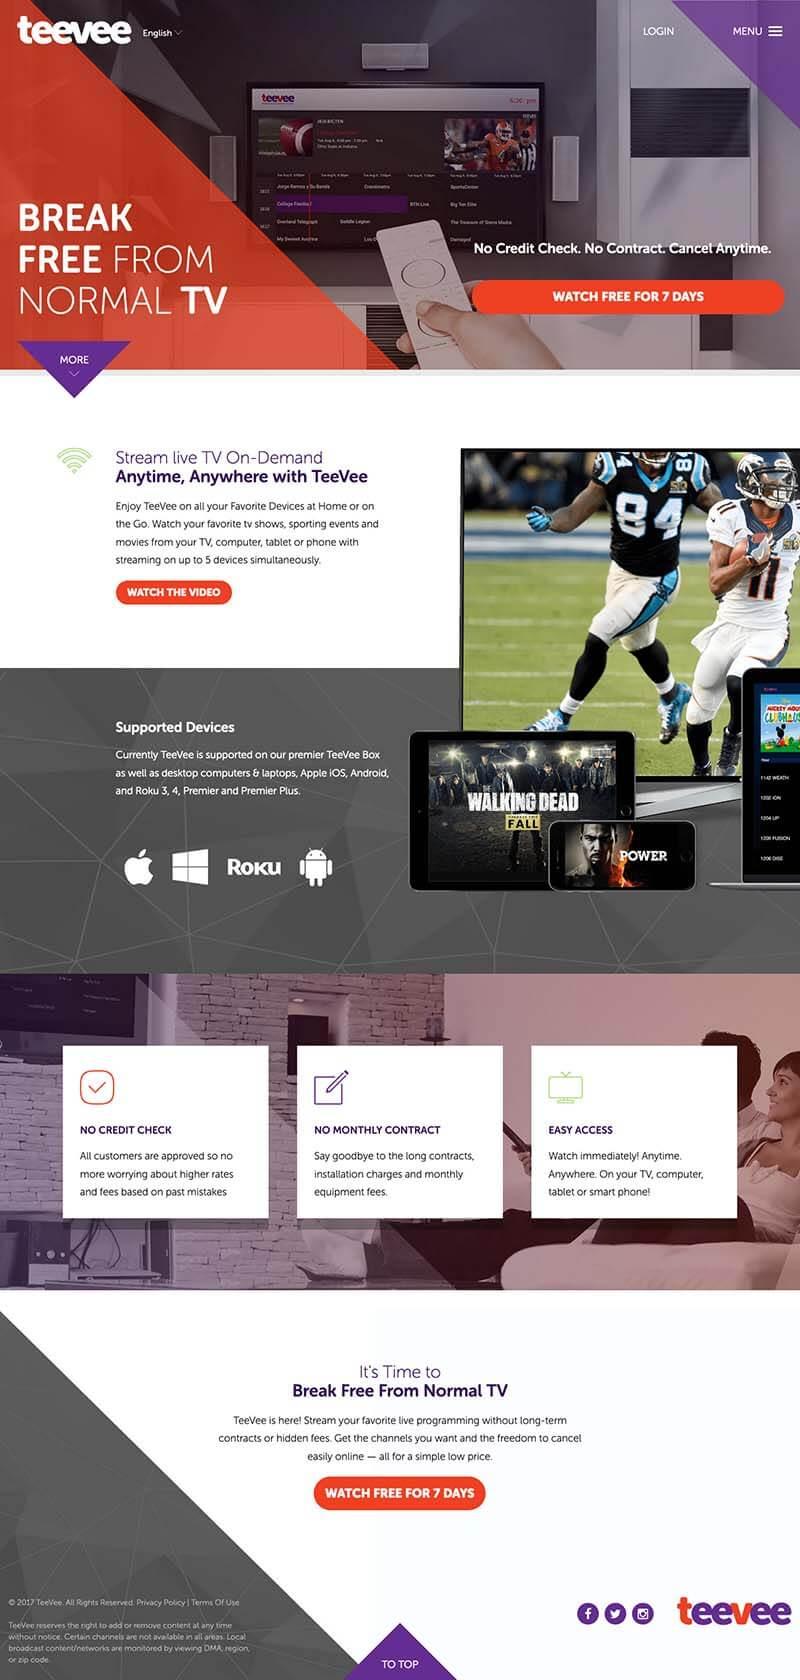 Teevee Web Design